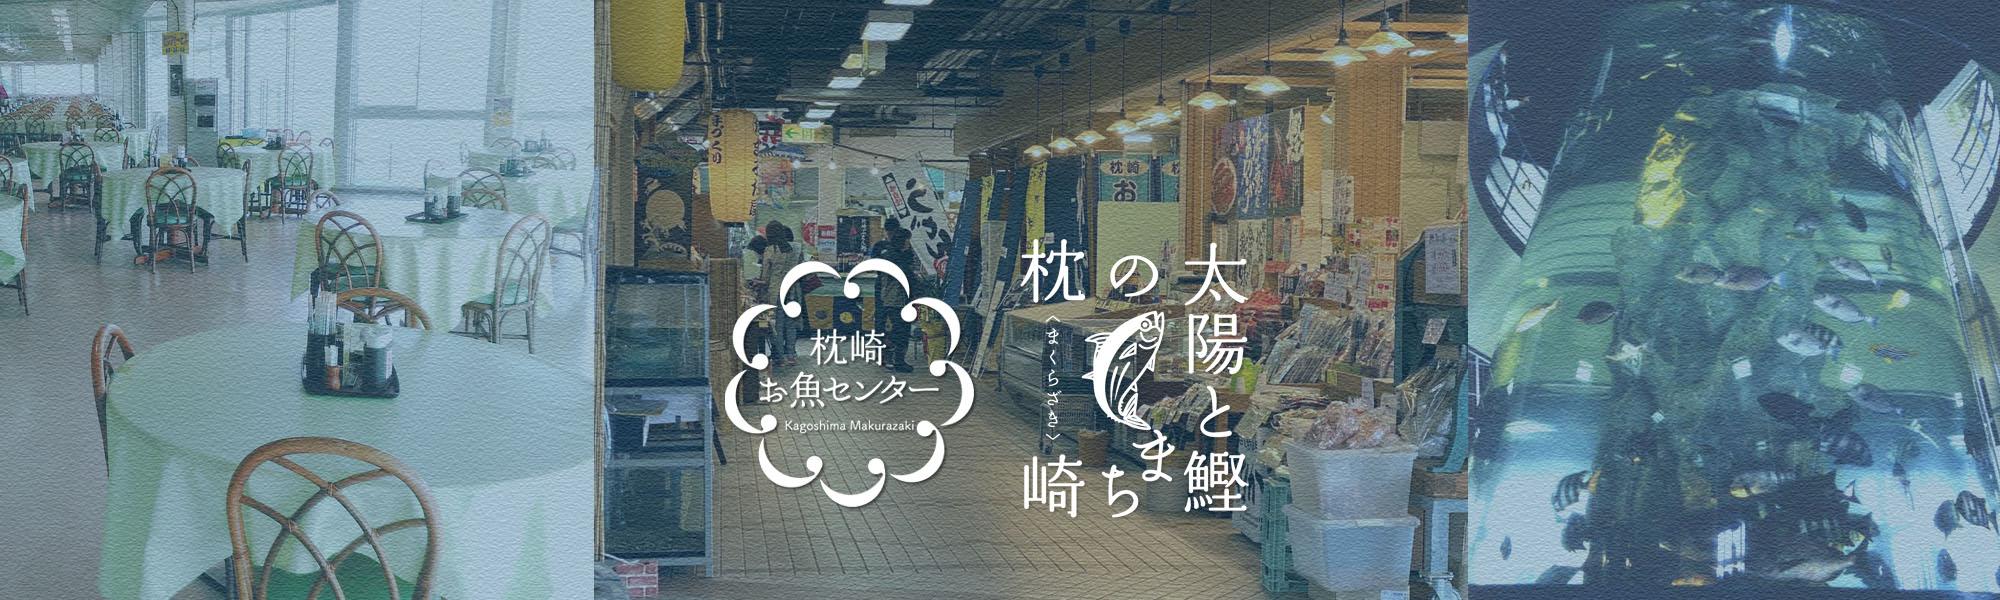 枕崎お魚センター フロア案内 メイン画像